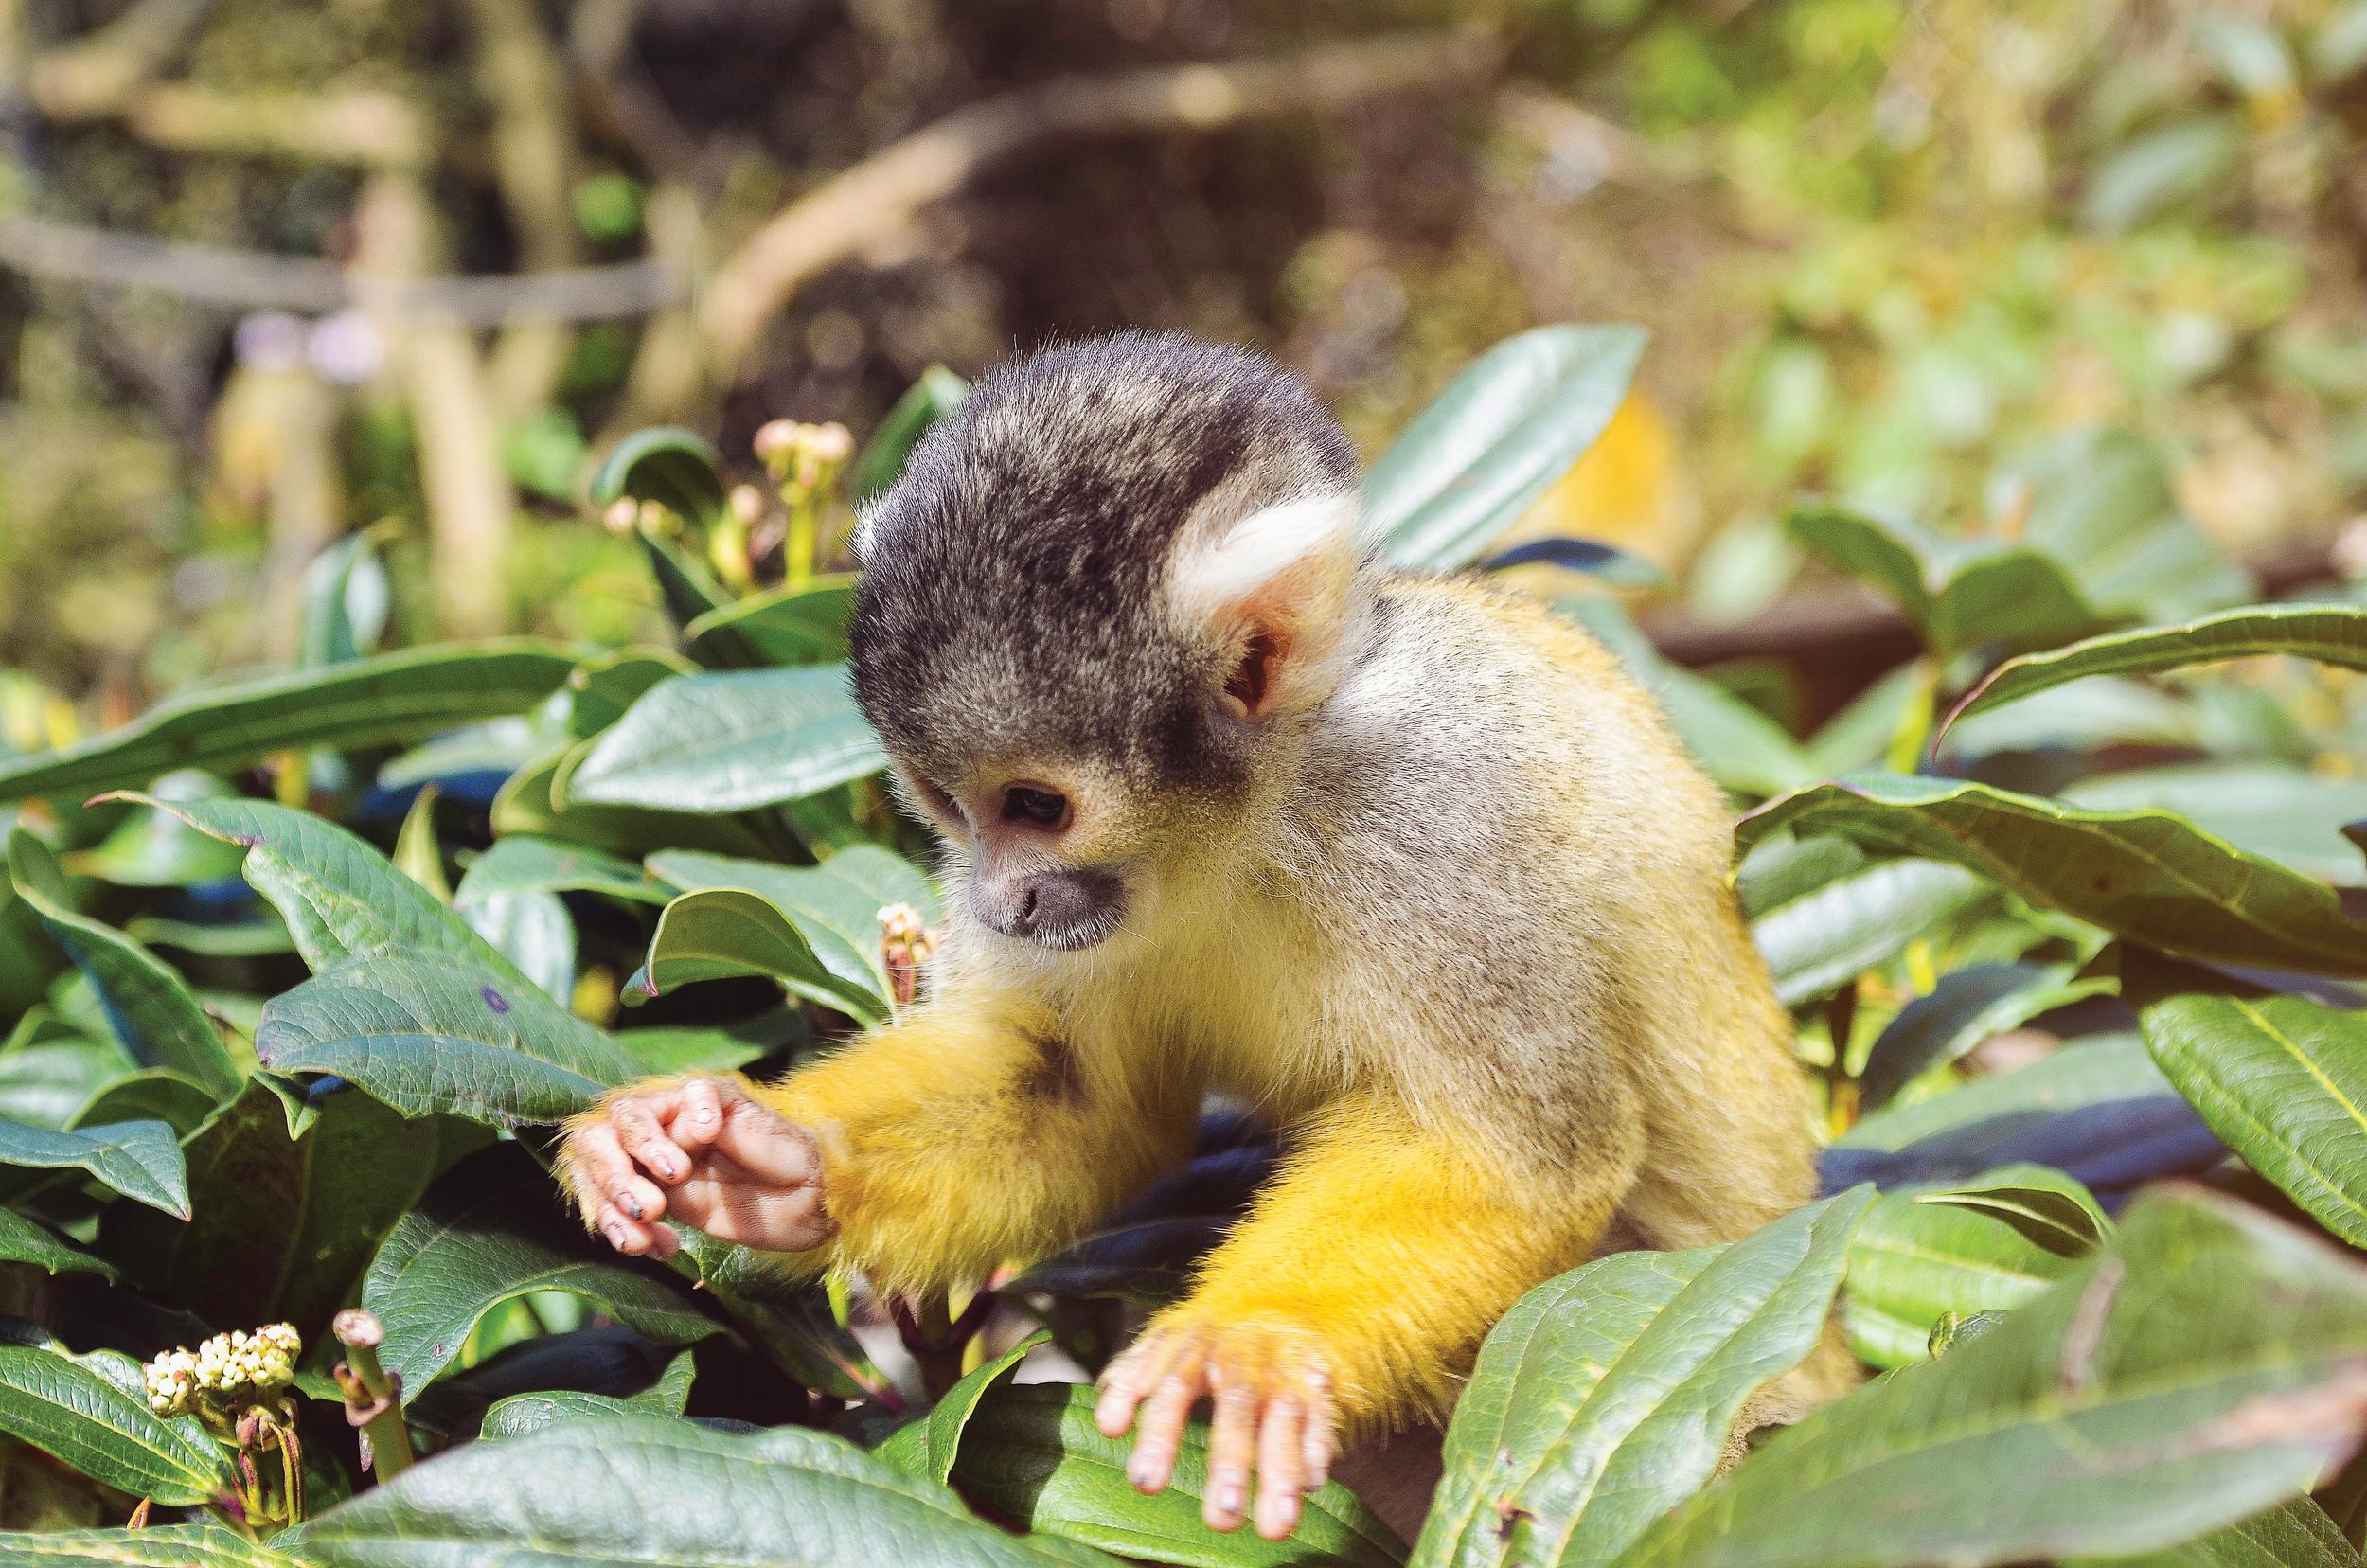 117/365 Cheeky Monkey